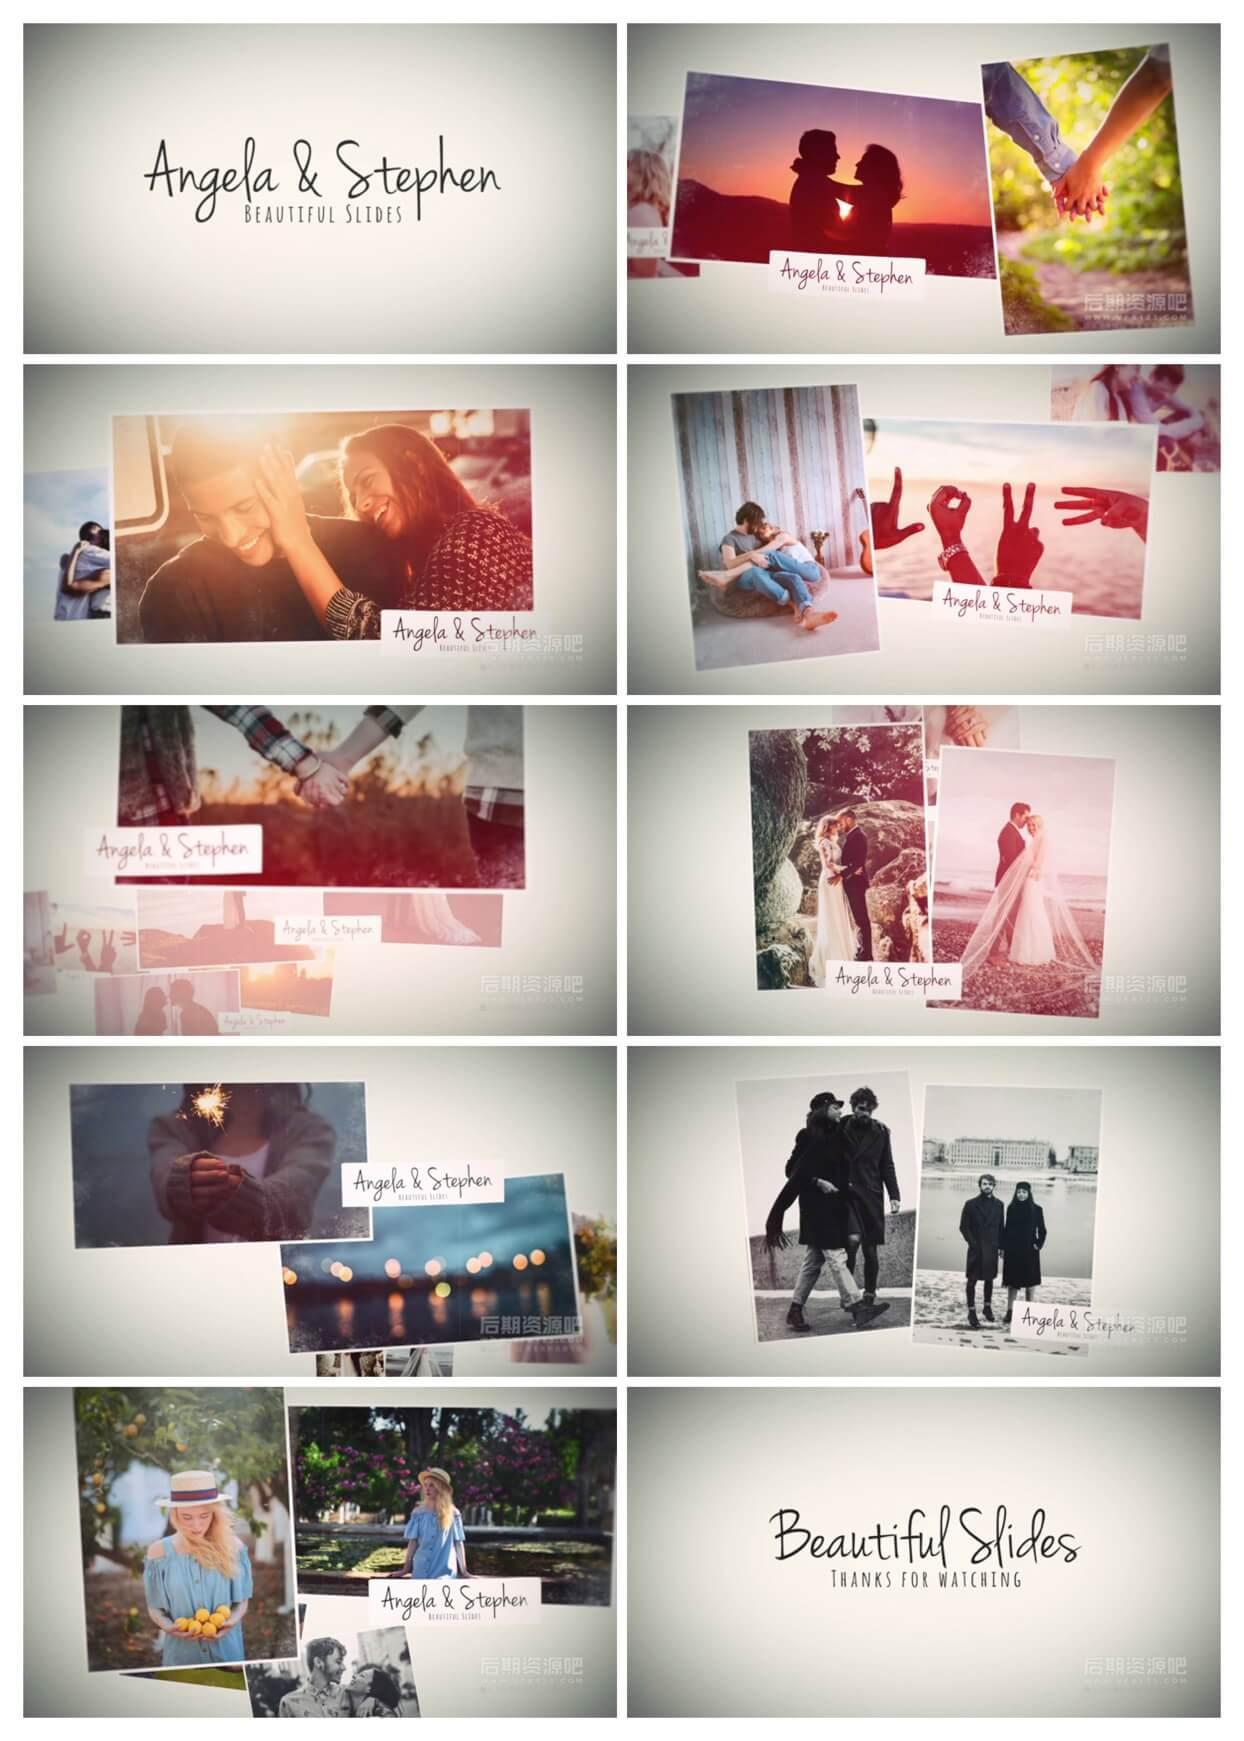 fcpx插件 优雅爱情婚礼相册图文展示主题模板 Beautiful Memories Slides